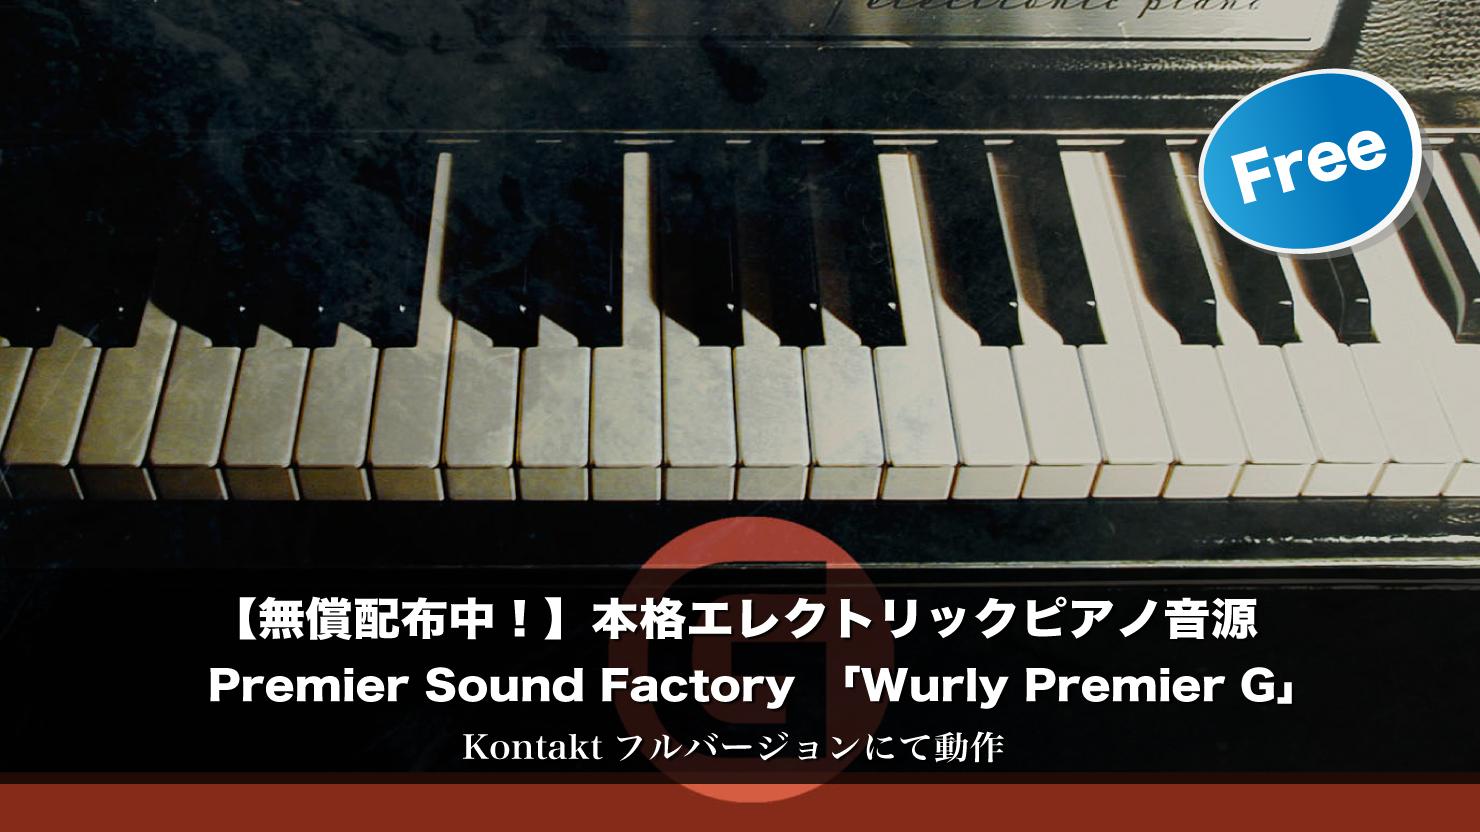 【無料】Premier Sound Factory「Wurly Premier G」無償配布中!エレピ音源ライブラリ